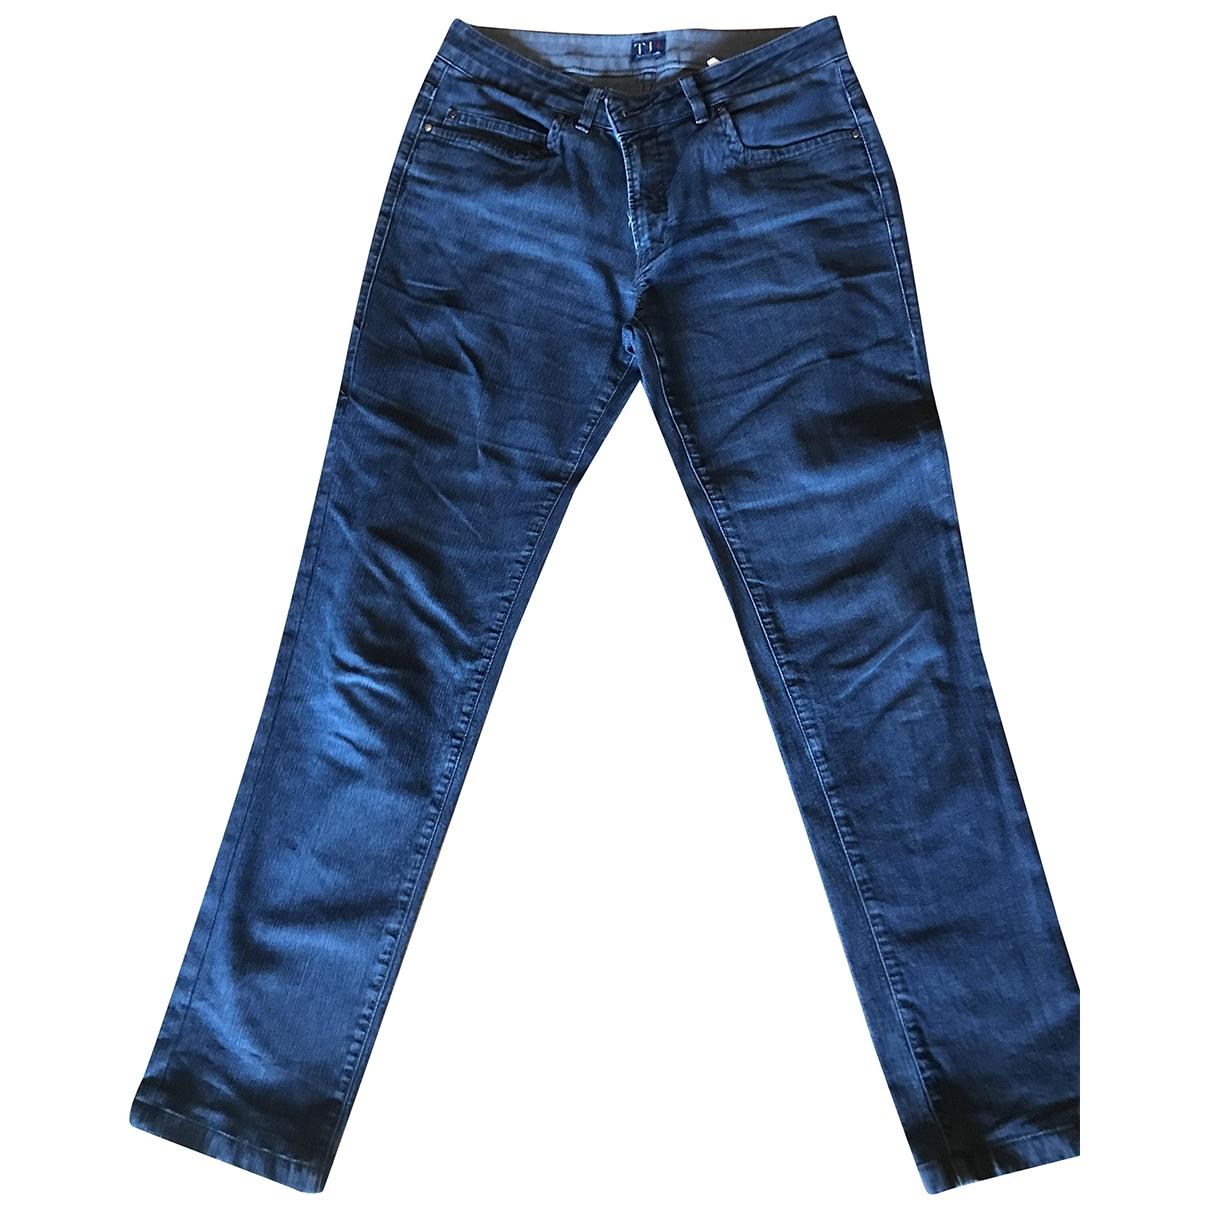 Trussardi Jeans \N Blue Denim - Jeans Trousers for Women 44 IT